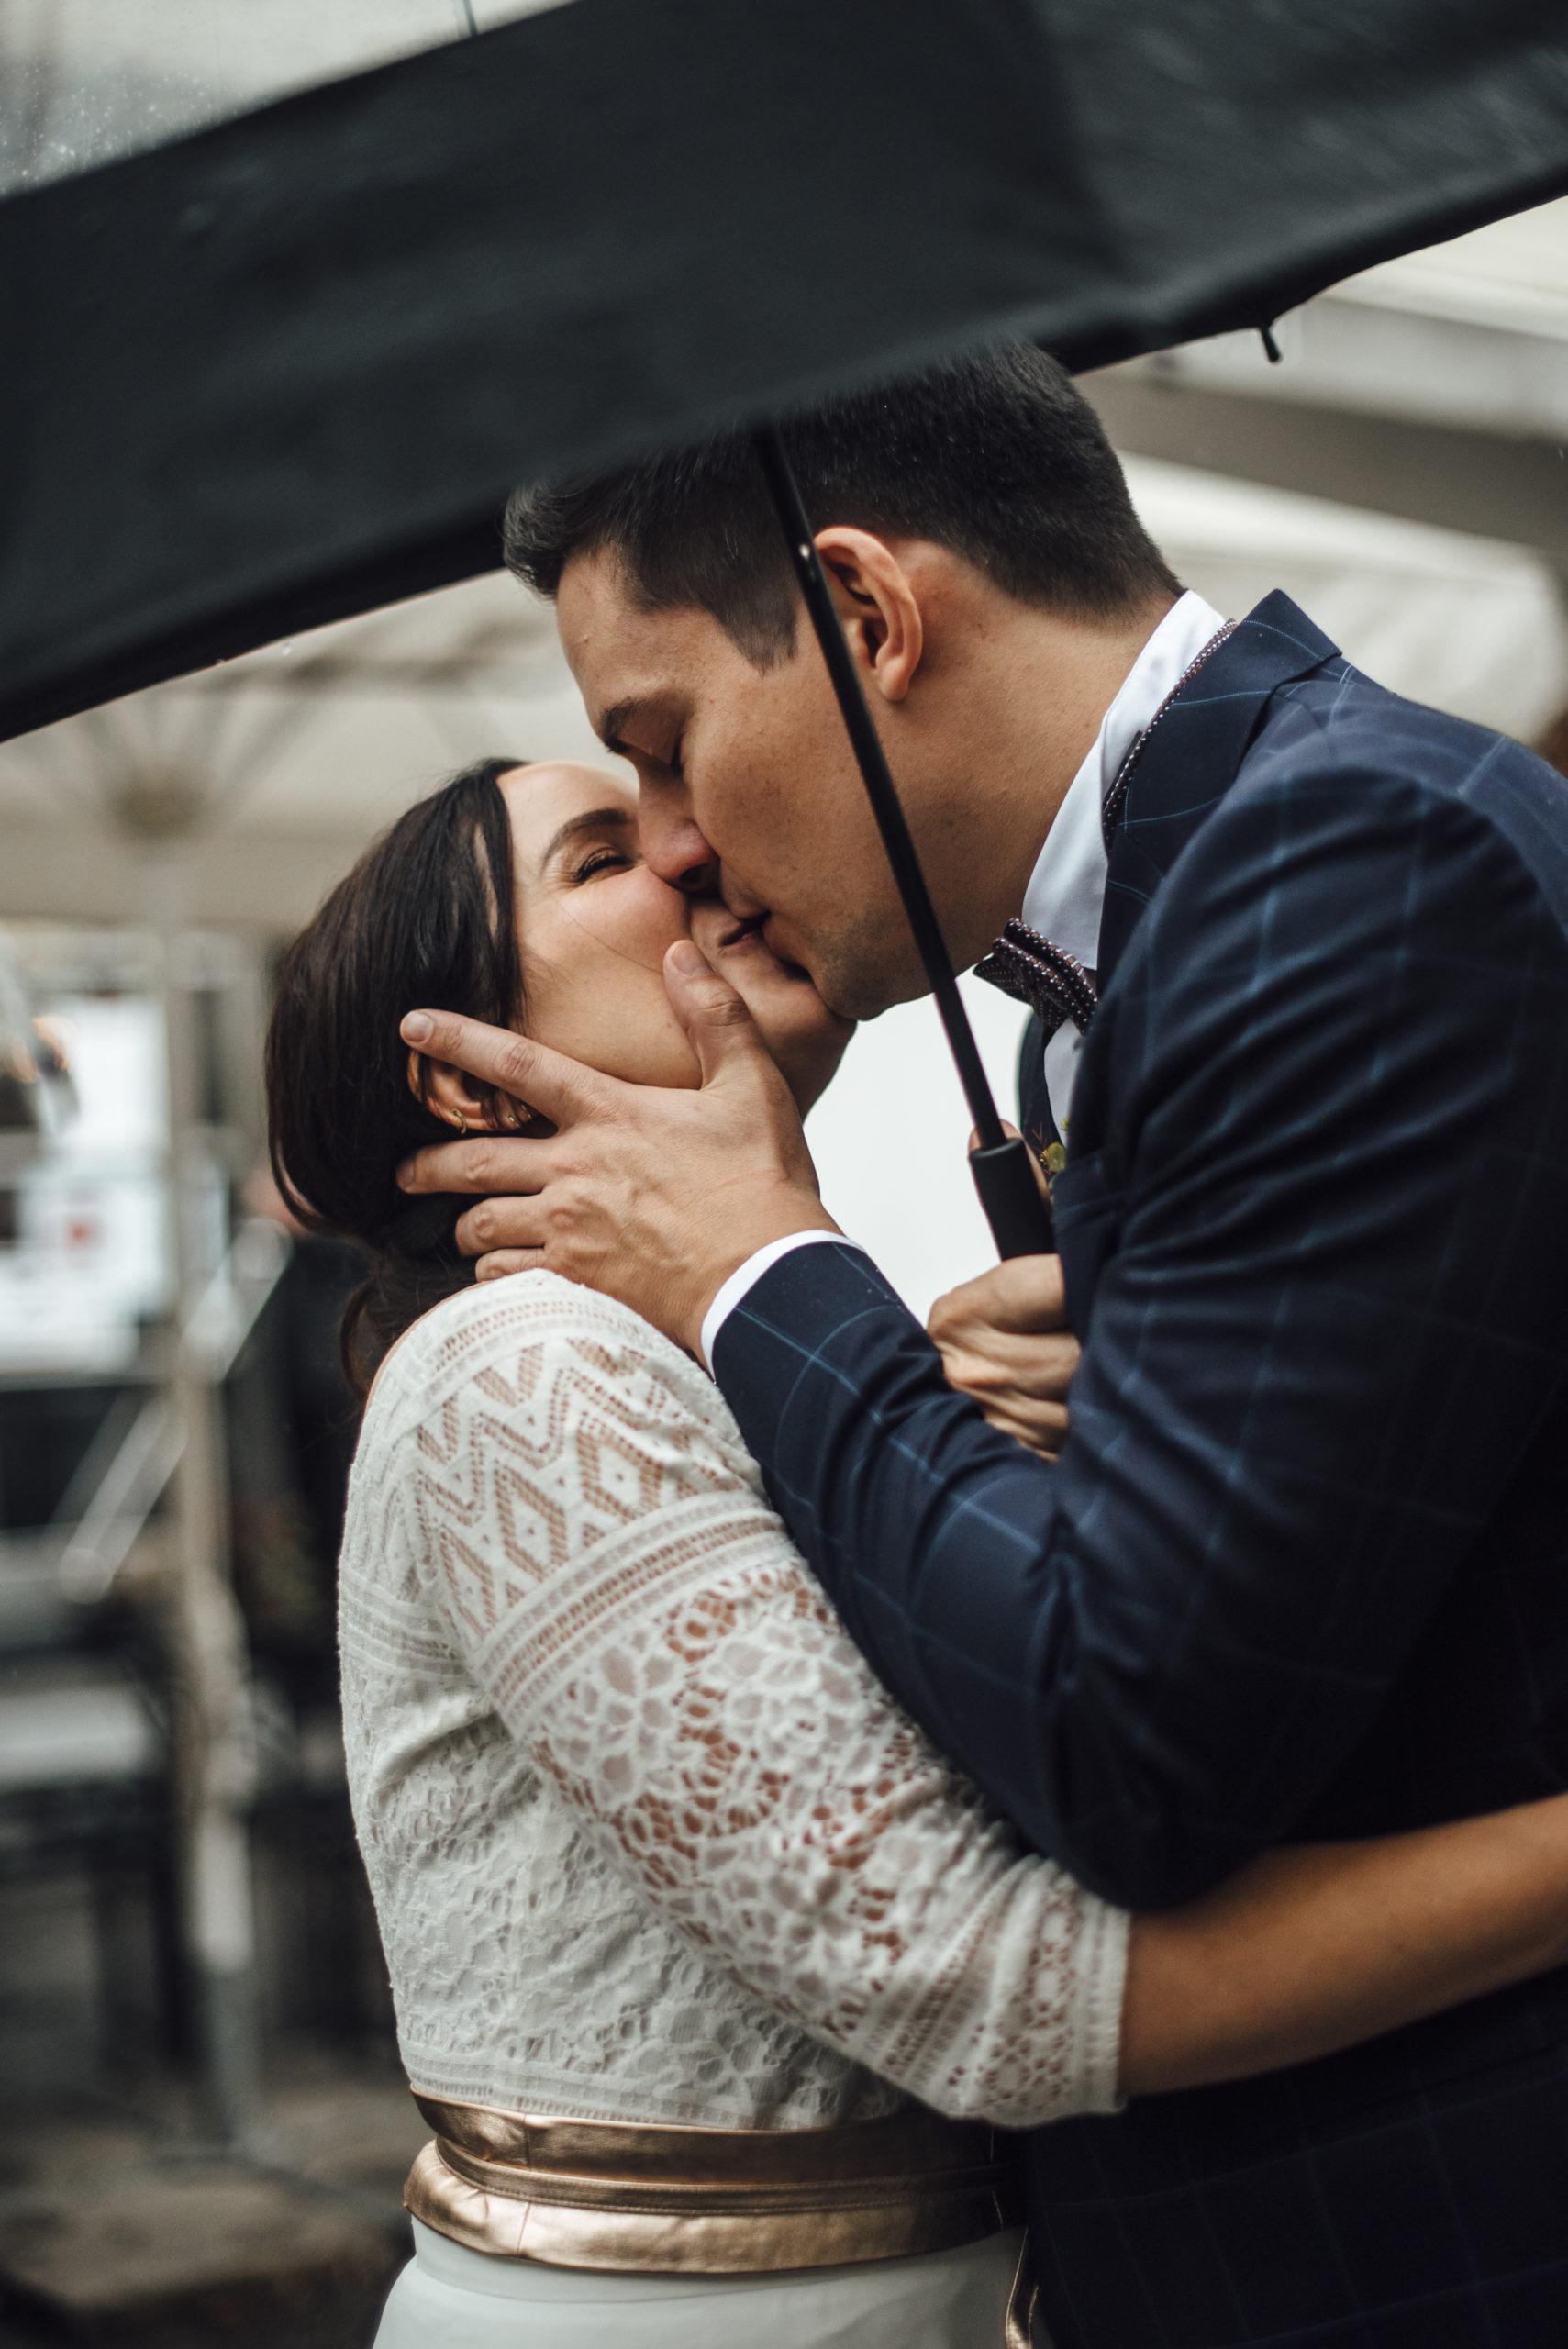 Brautpaar unter Regenschirm, sich küssend